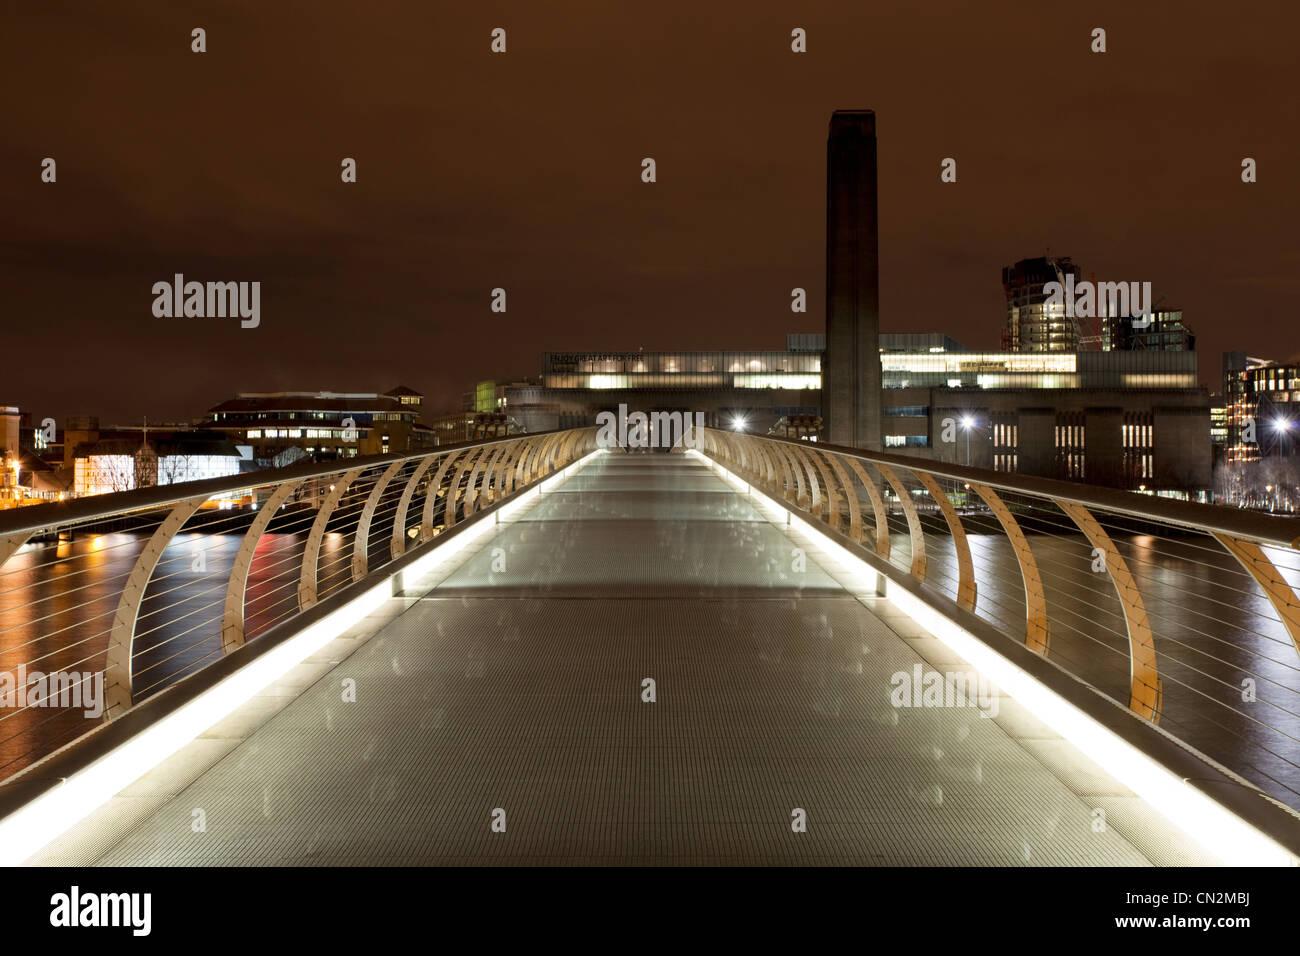 Millennium Bridge vers Tate Modern, Londres, UK Banque D'Images